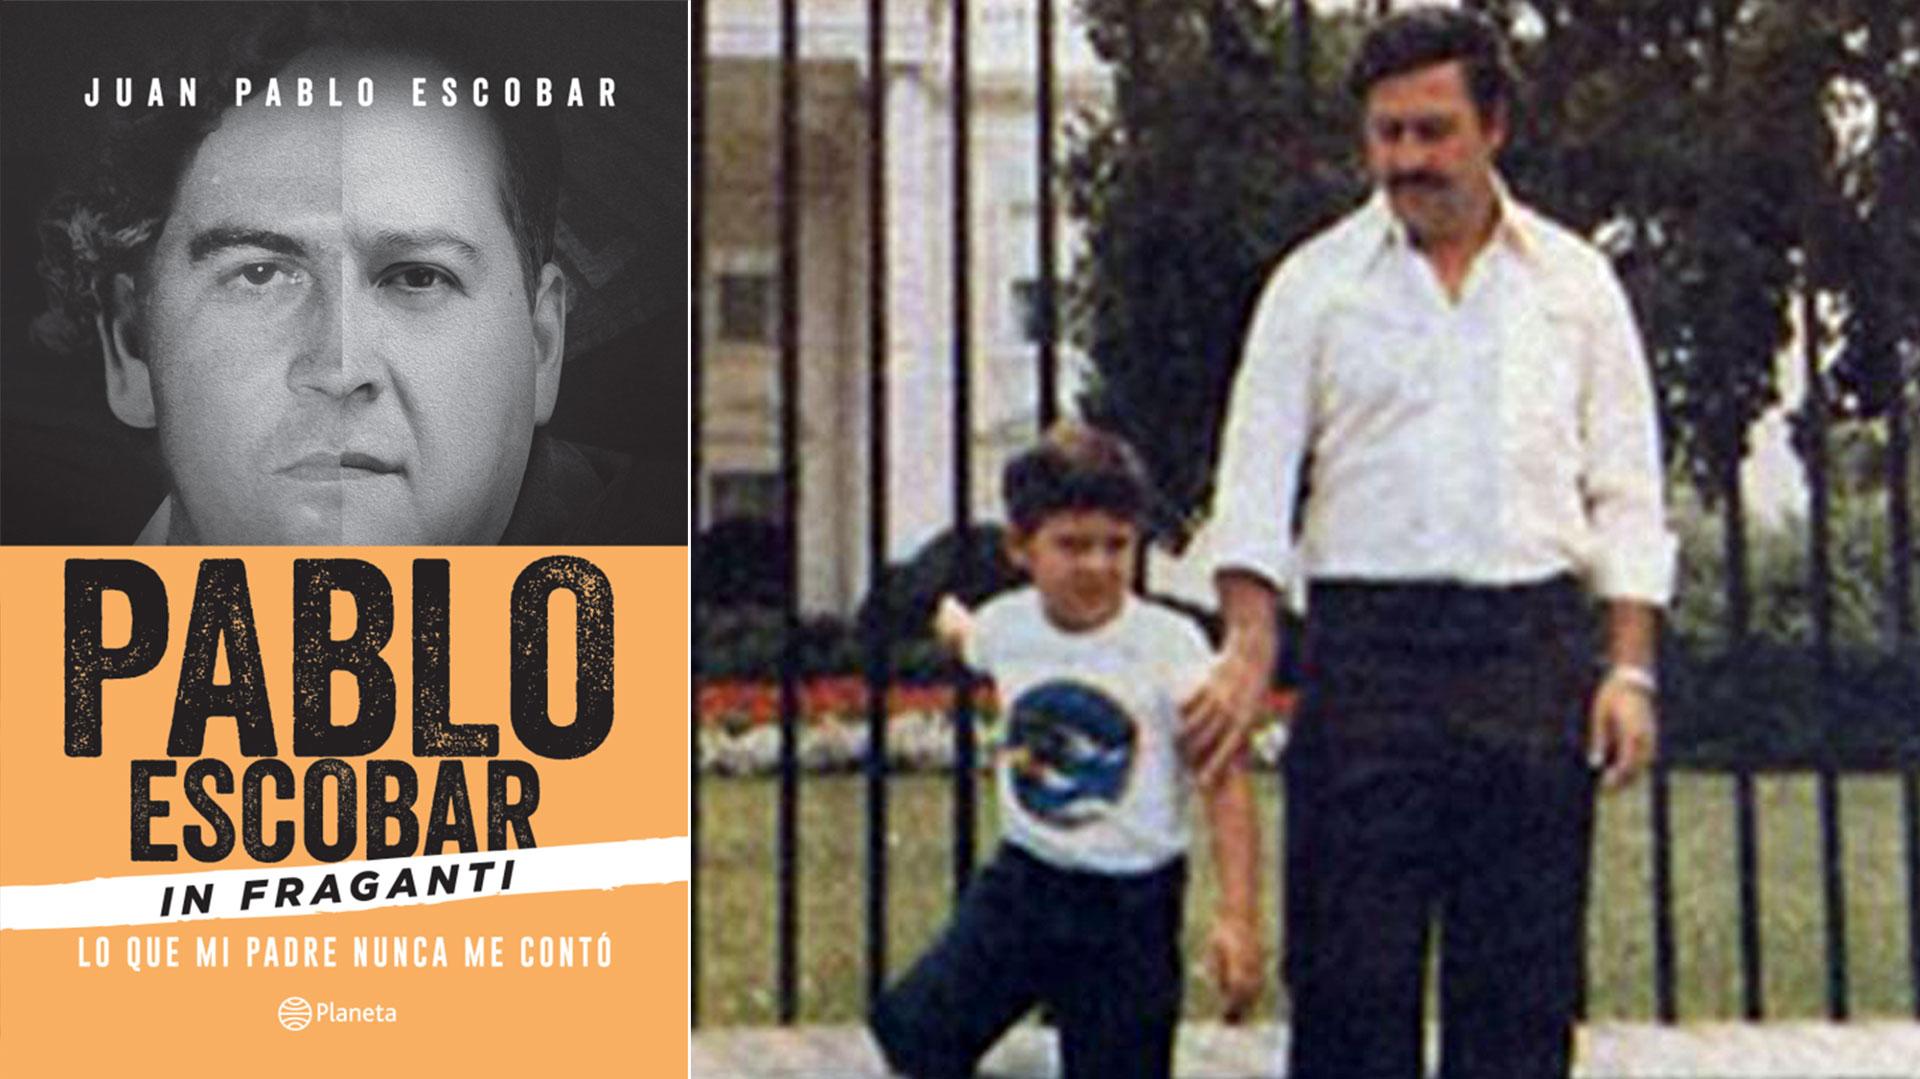 Adelanto Exclusivo Del Nuevo Libro Del Hijo De Pablo Escobar Los Secretos Jamás Contados Del Capo Narco Infobae